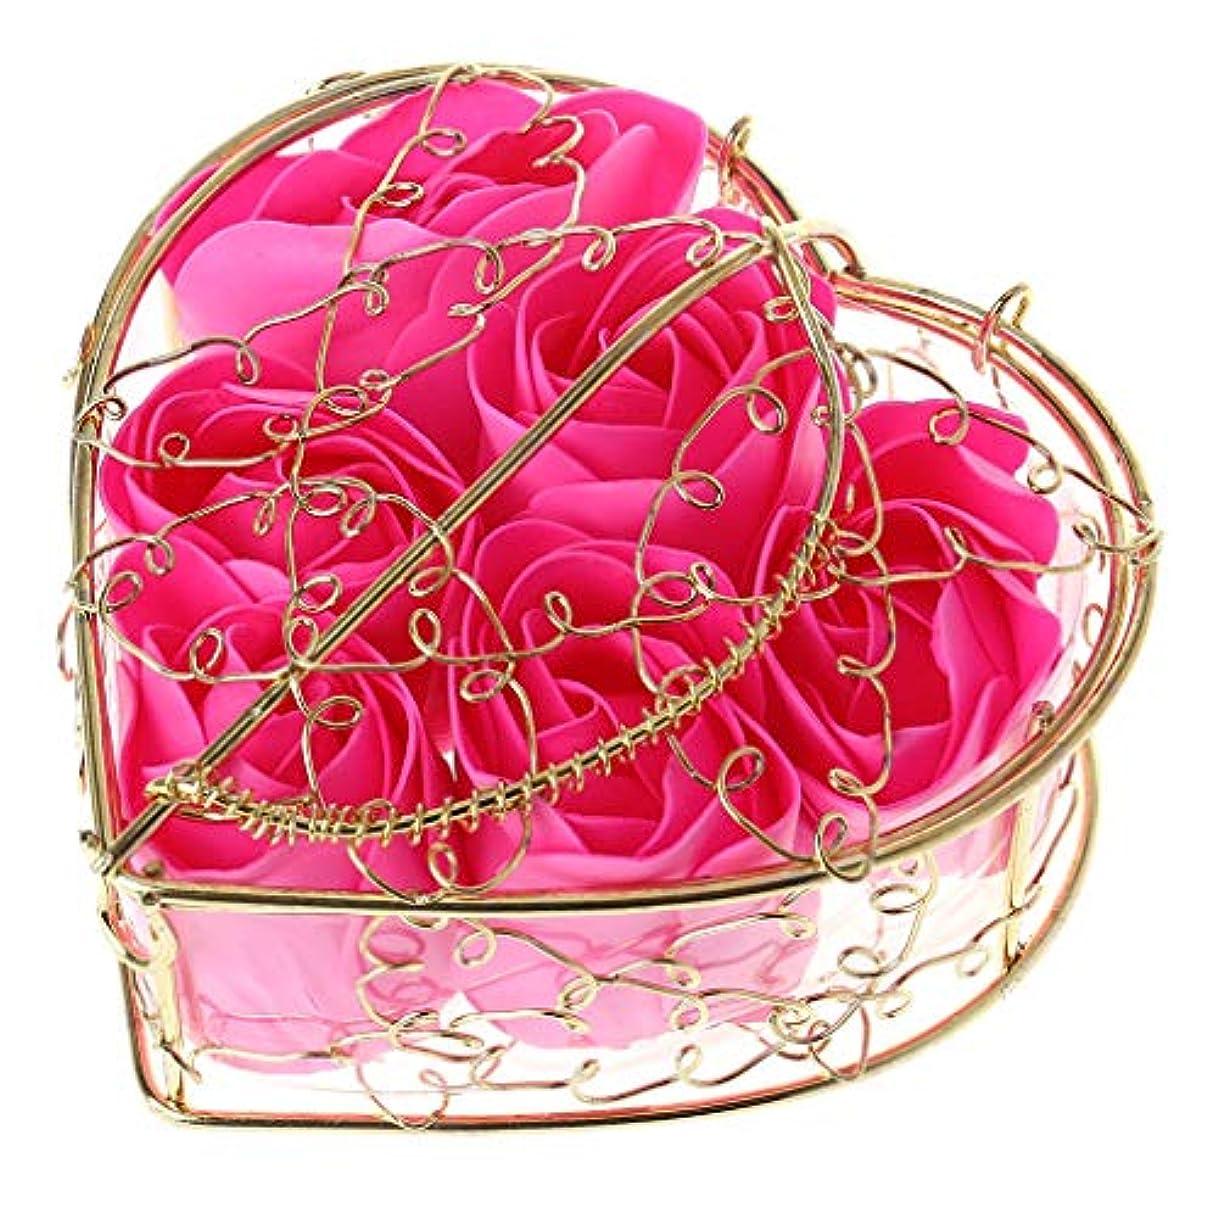 優遇雪だるまを作る受けるKaman-co 6本の香りのバラの花びら、入浴ボディーソープ、ウェディングパーティーの装飾ギフト、バレンタインデーの贈り物 (HP)